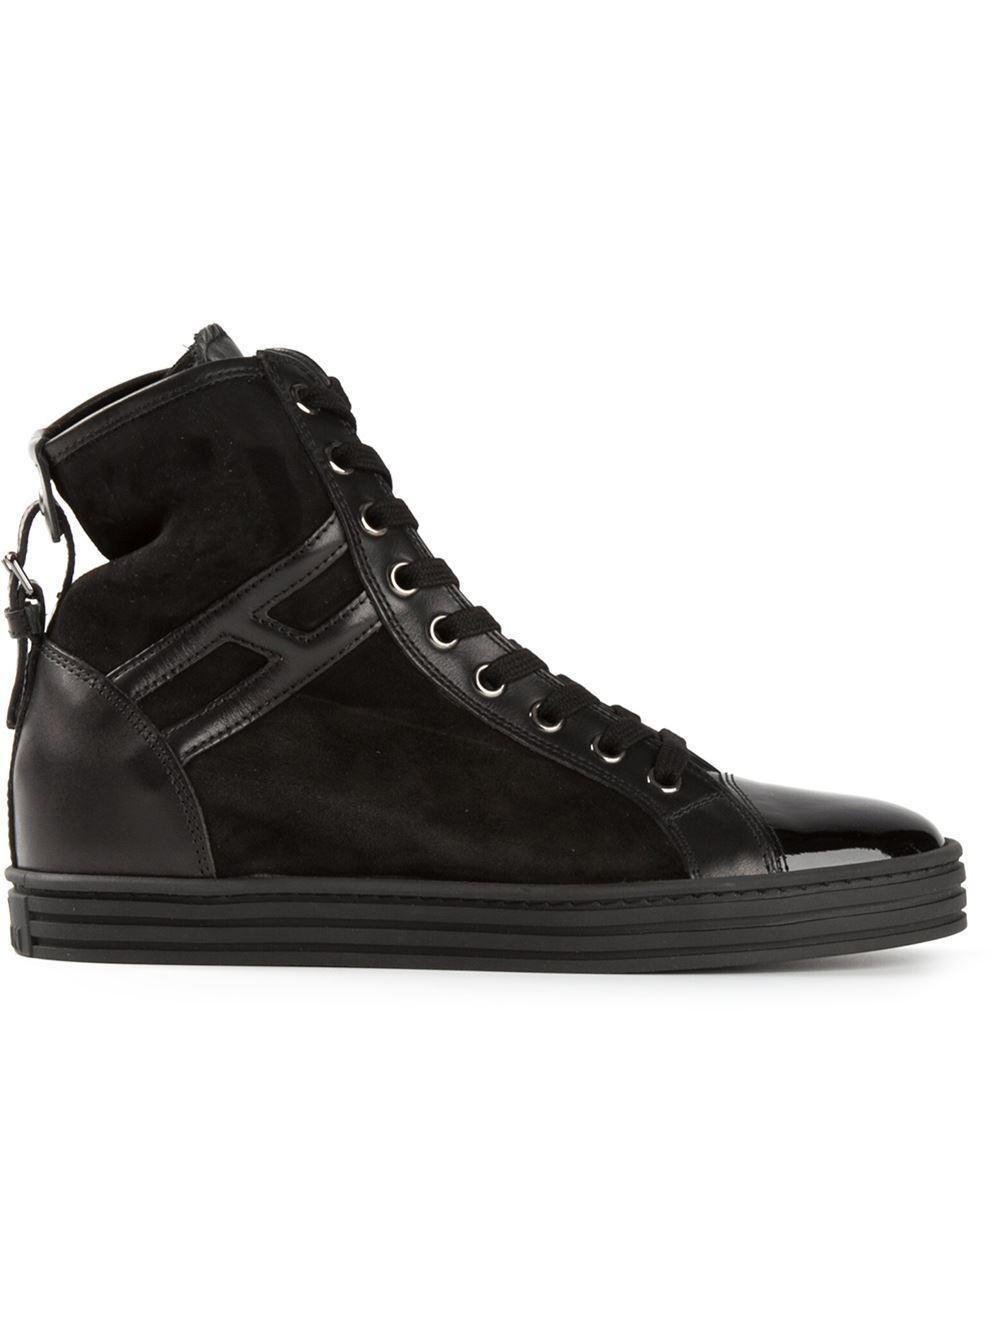 f61790d62e0a2 Lyst - Hogan Rebel Scarpe in Black